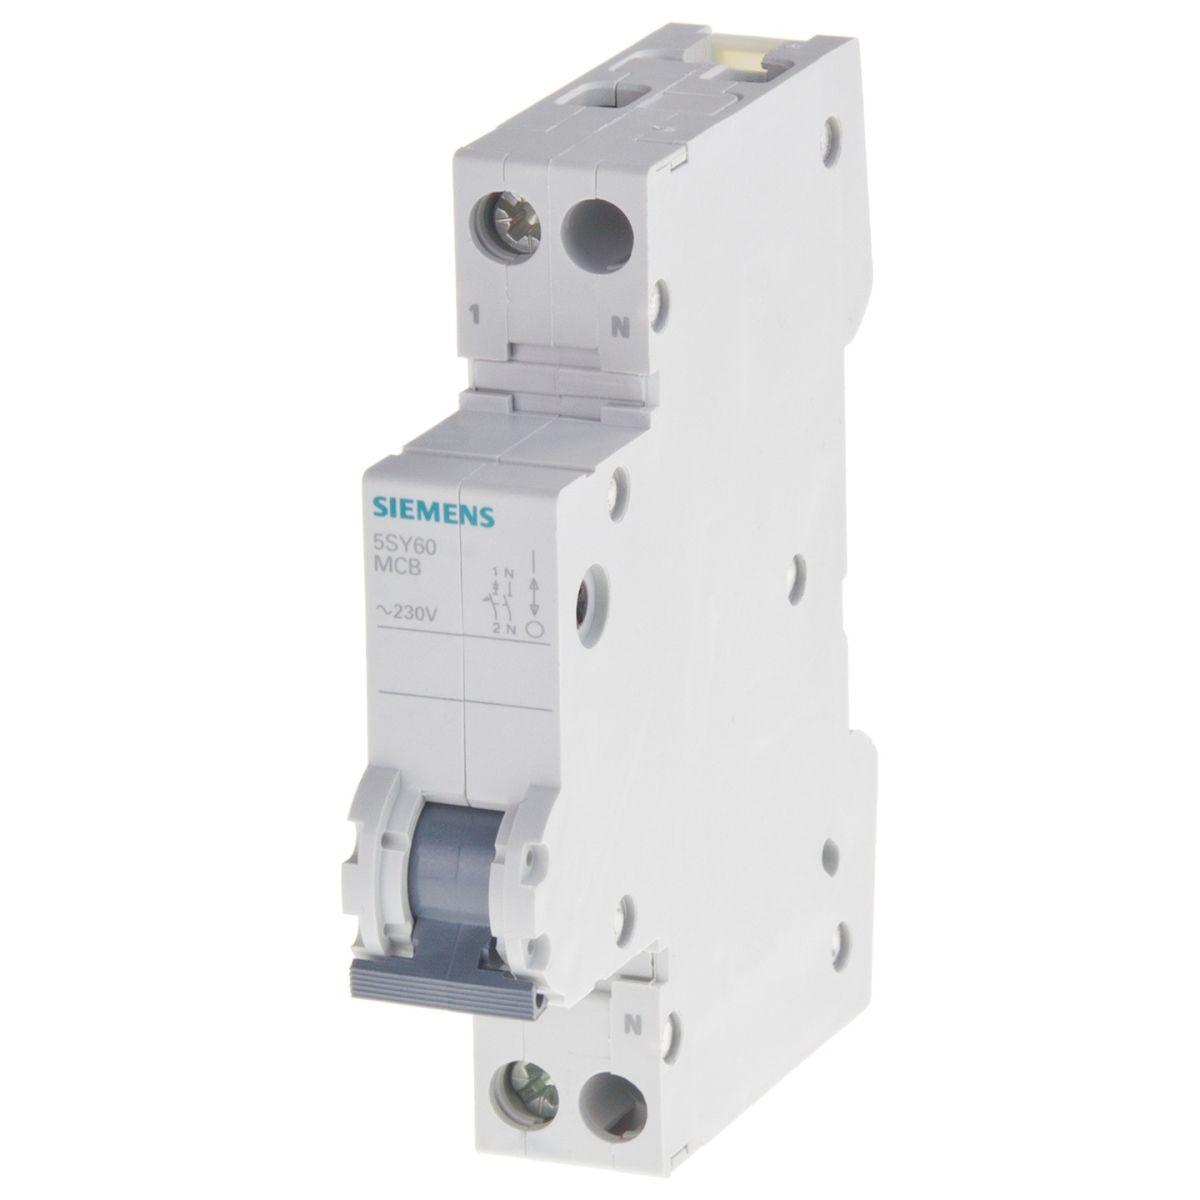 50251 siemens circuit breaker 5sy60087